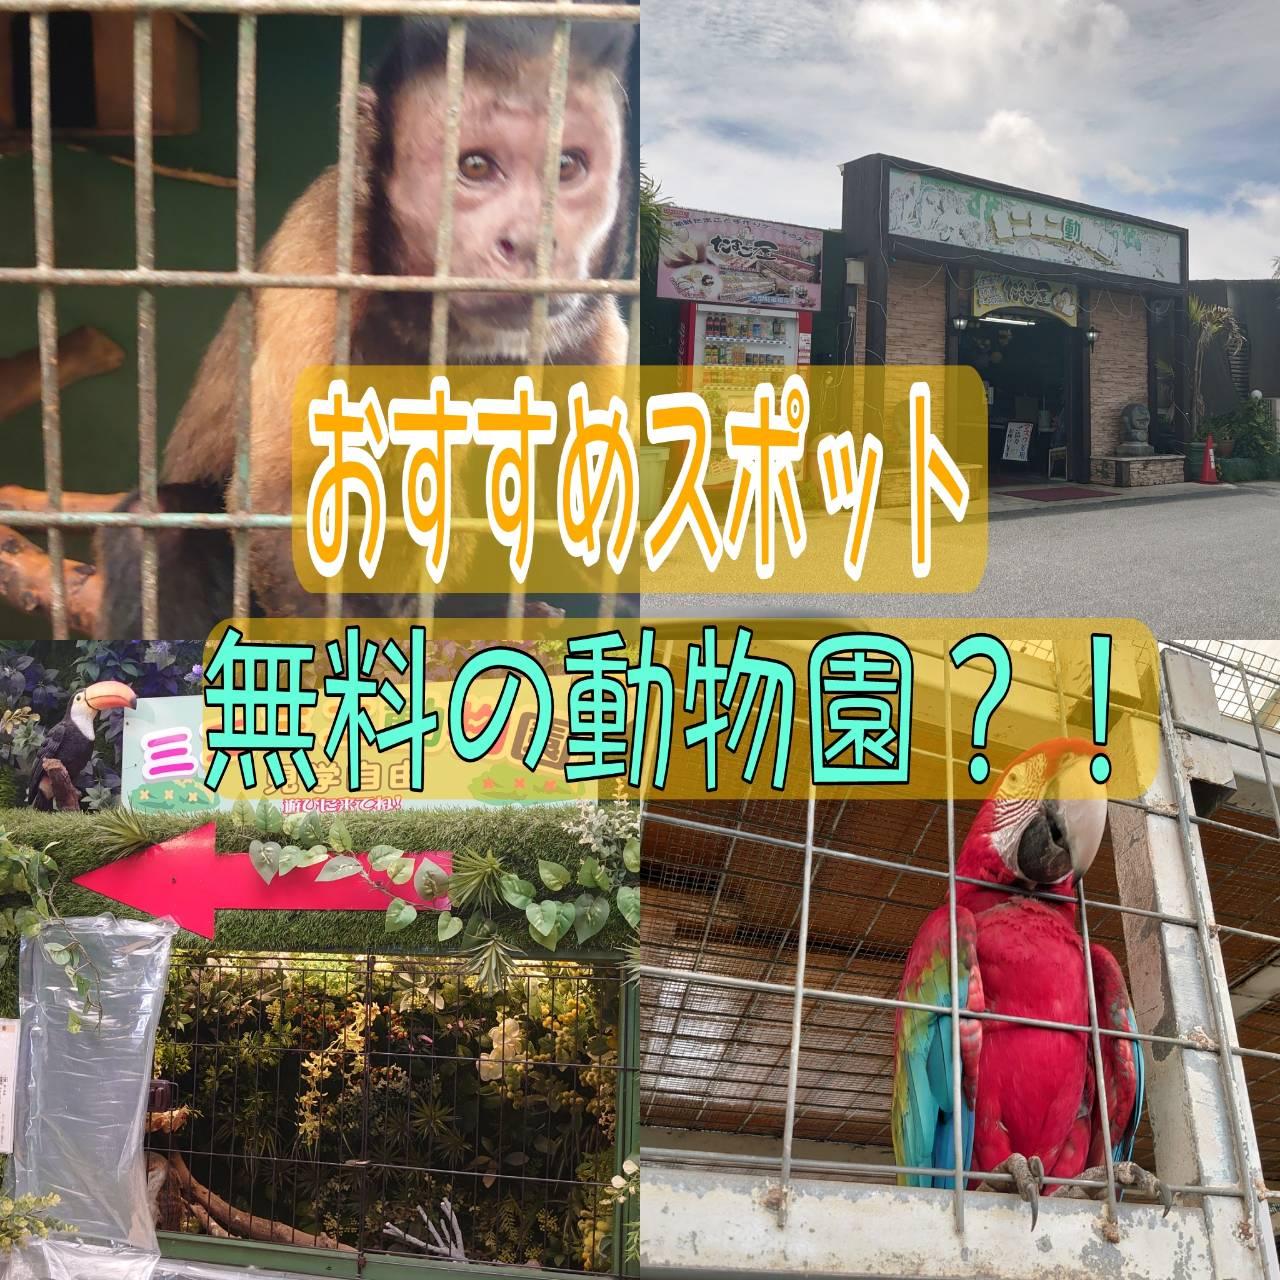 ☆沖縄おすすめ隠れスポット紹介☆その㊹(@ミニミニ動物園)